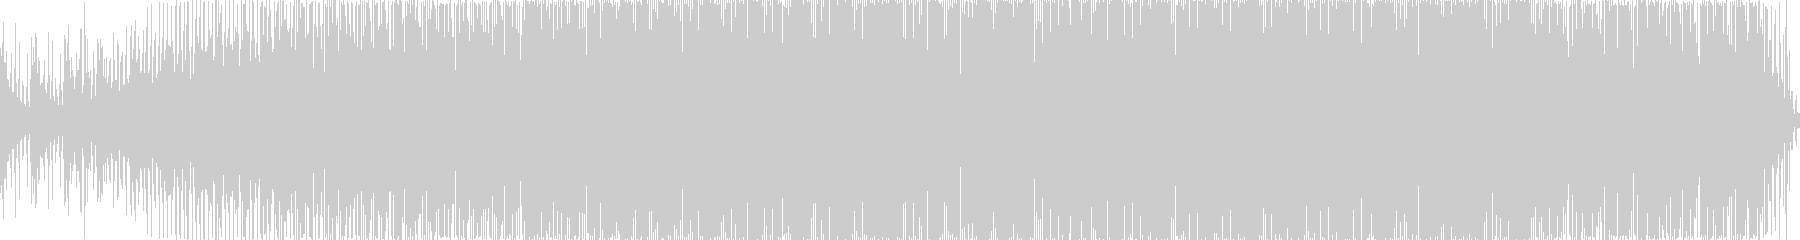 エレクトロニック 技術的な 環境 ...の未再生の波形